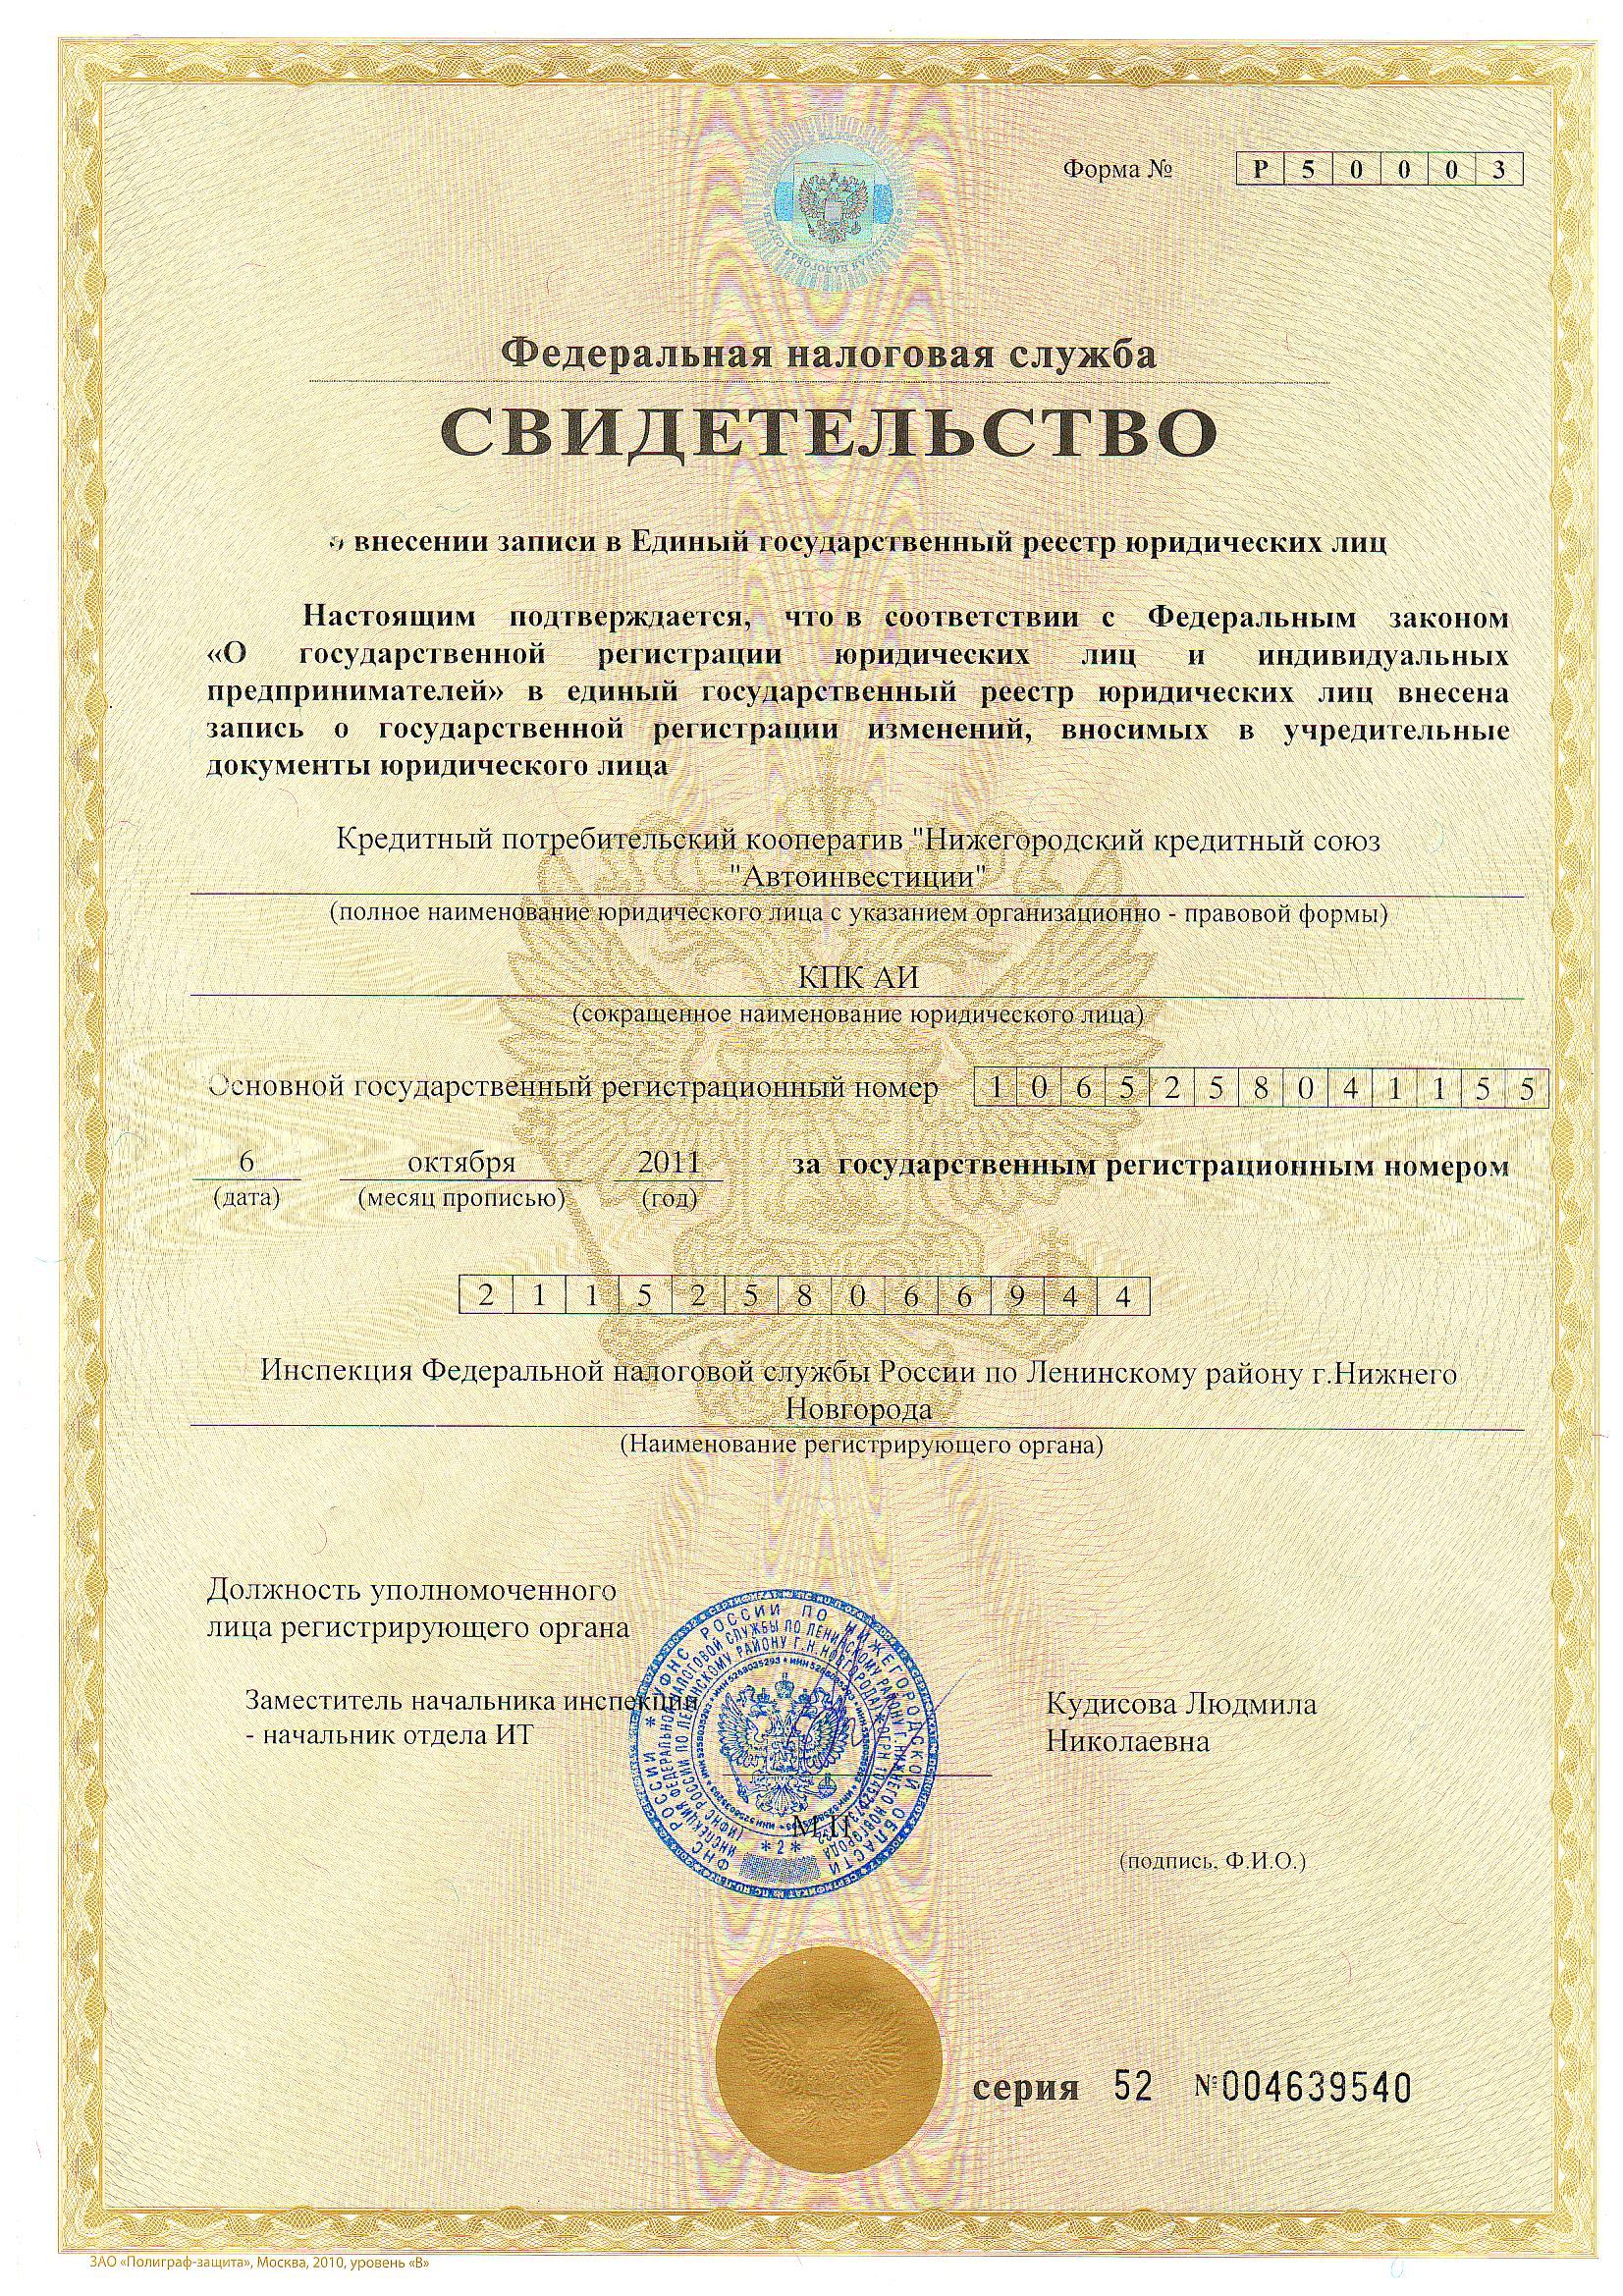 Кредитный потребительский кооператив нижегородский кредитный союз как получить кредит под 5 процентов